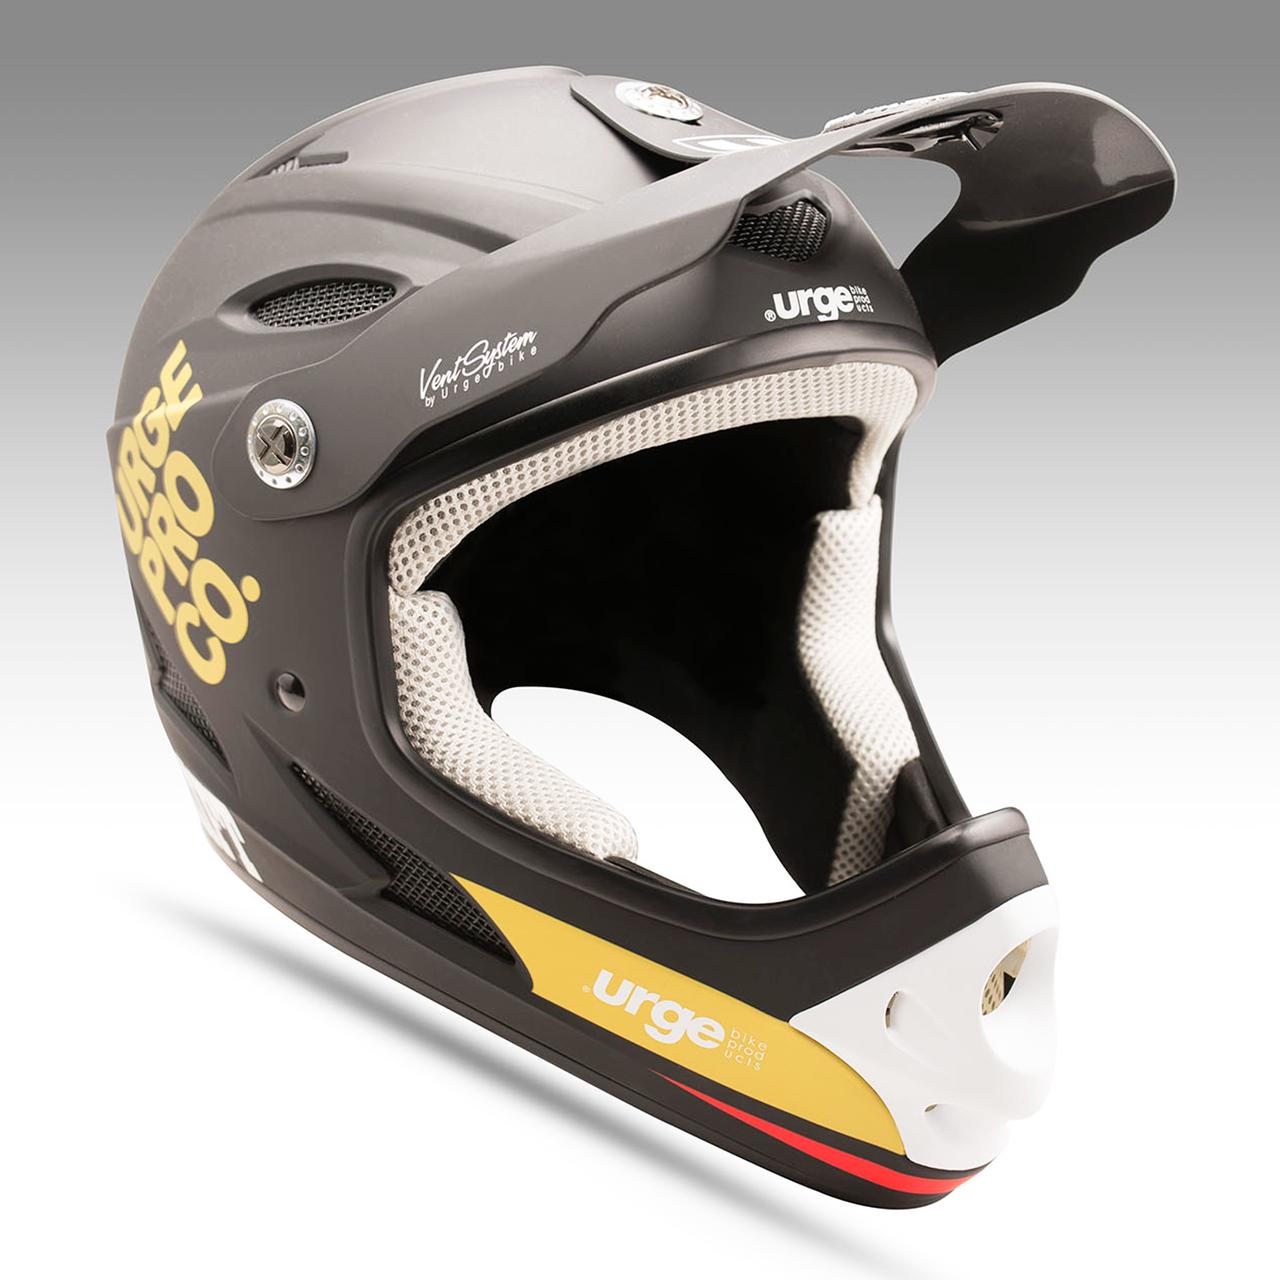 Велошолом Urge Drift чорно-золотий YM, 48-50см, підлітковий (ST)